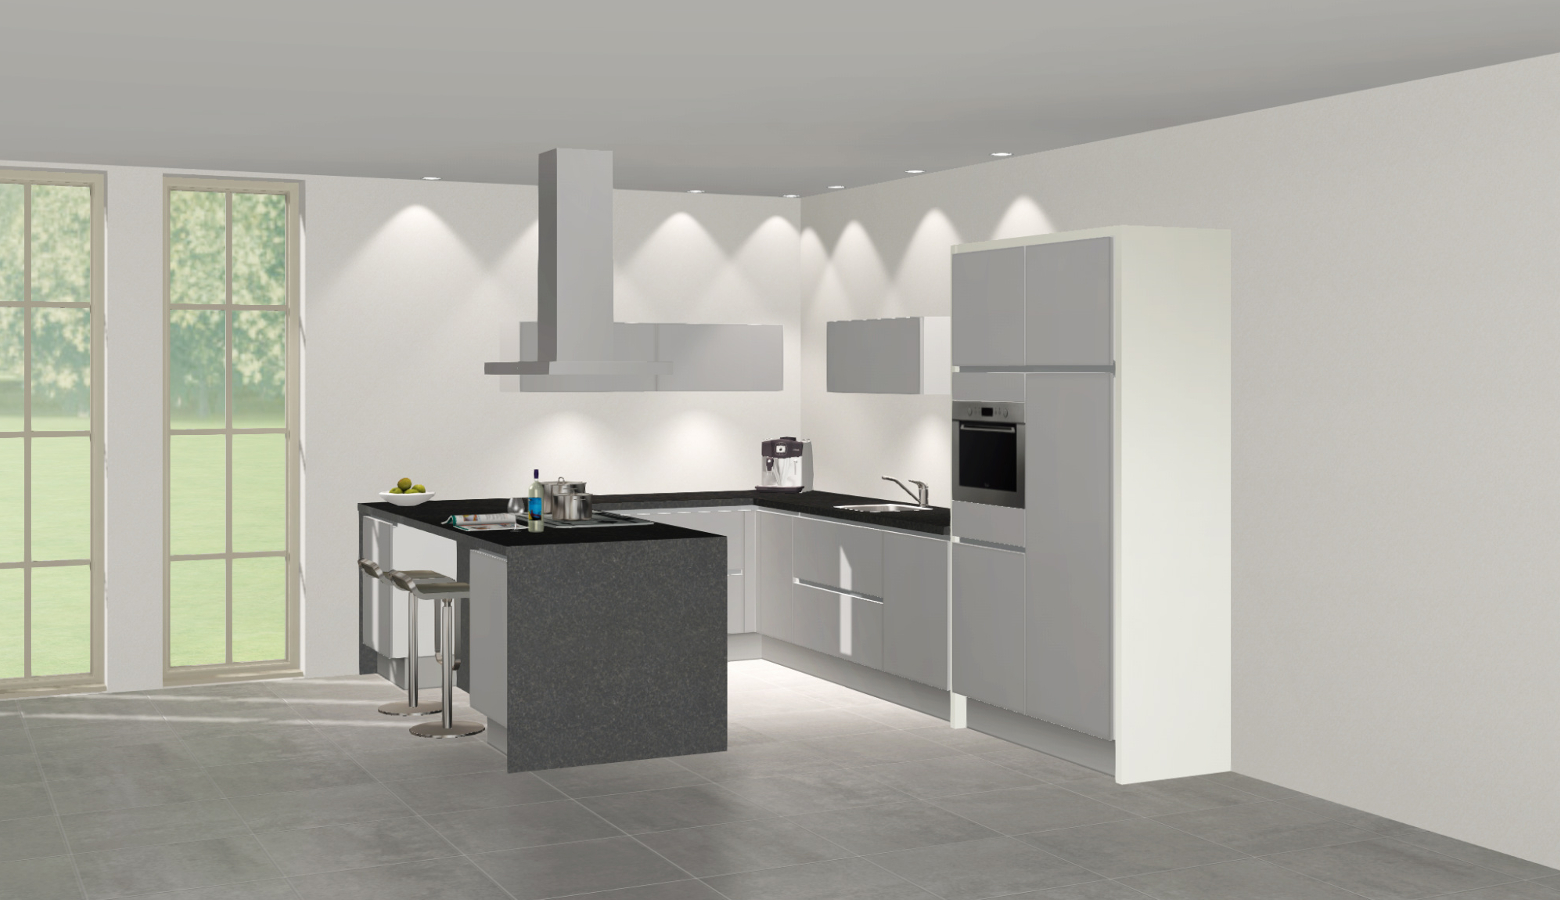 3d keuken ontwerpen? dat kan bij keuken kampioen!, Deco ideeën